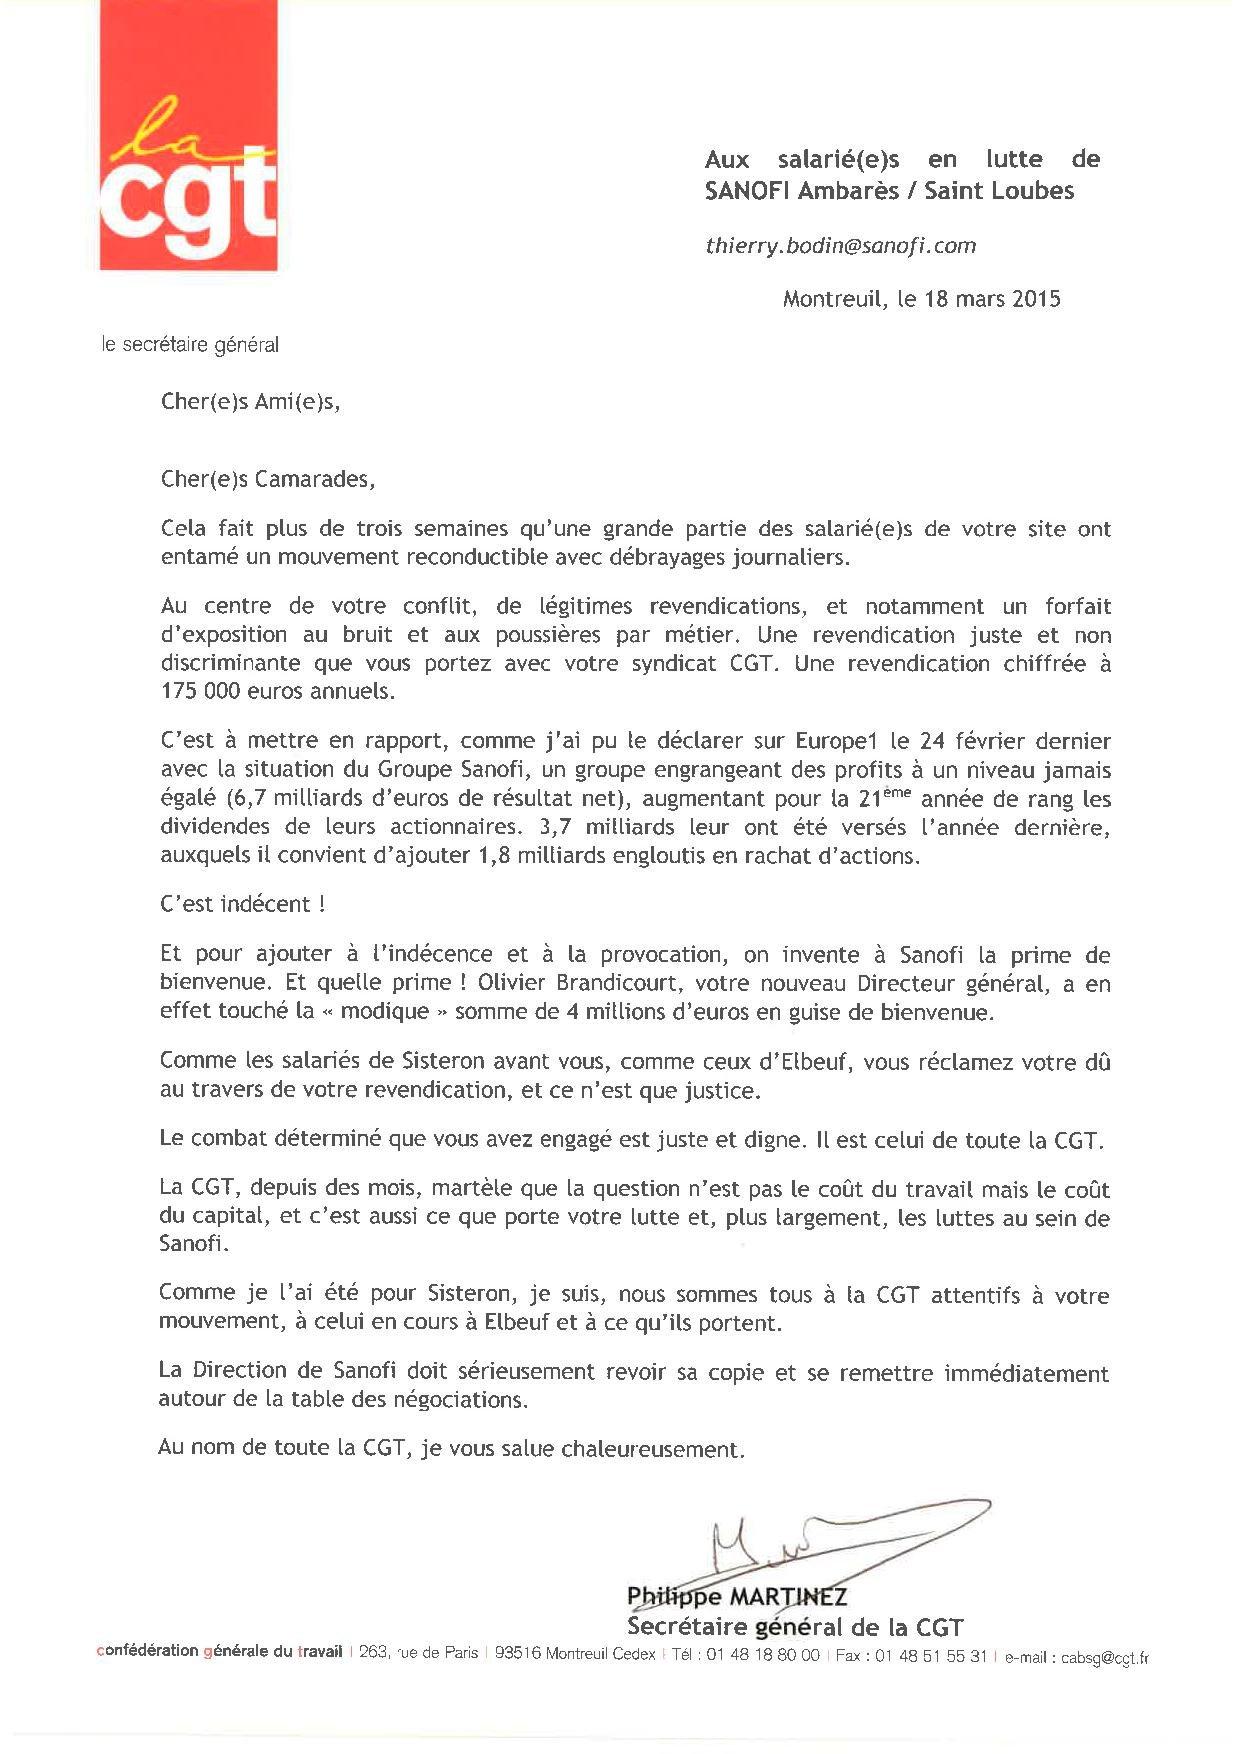 SANOFI Ambarès - Saint Loubes - Message de Ph. MARTINEZ - SG de la CGT - 18 03 2015